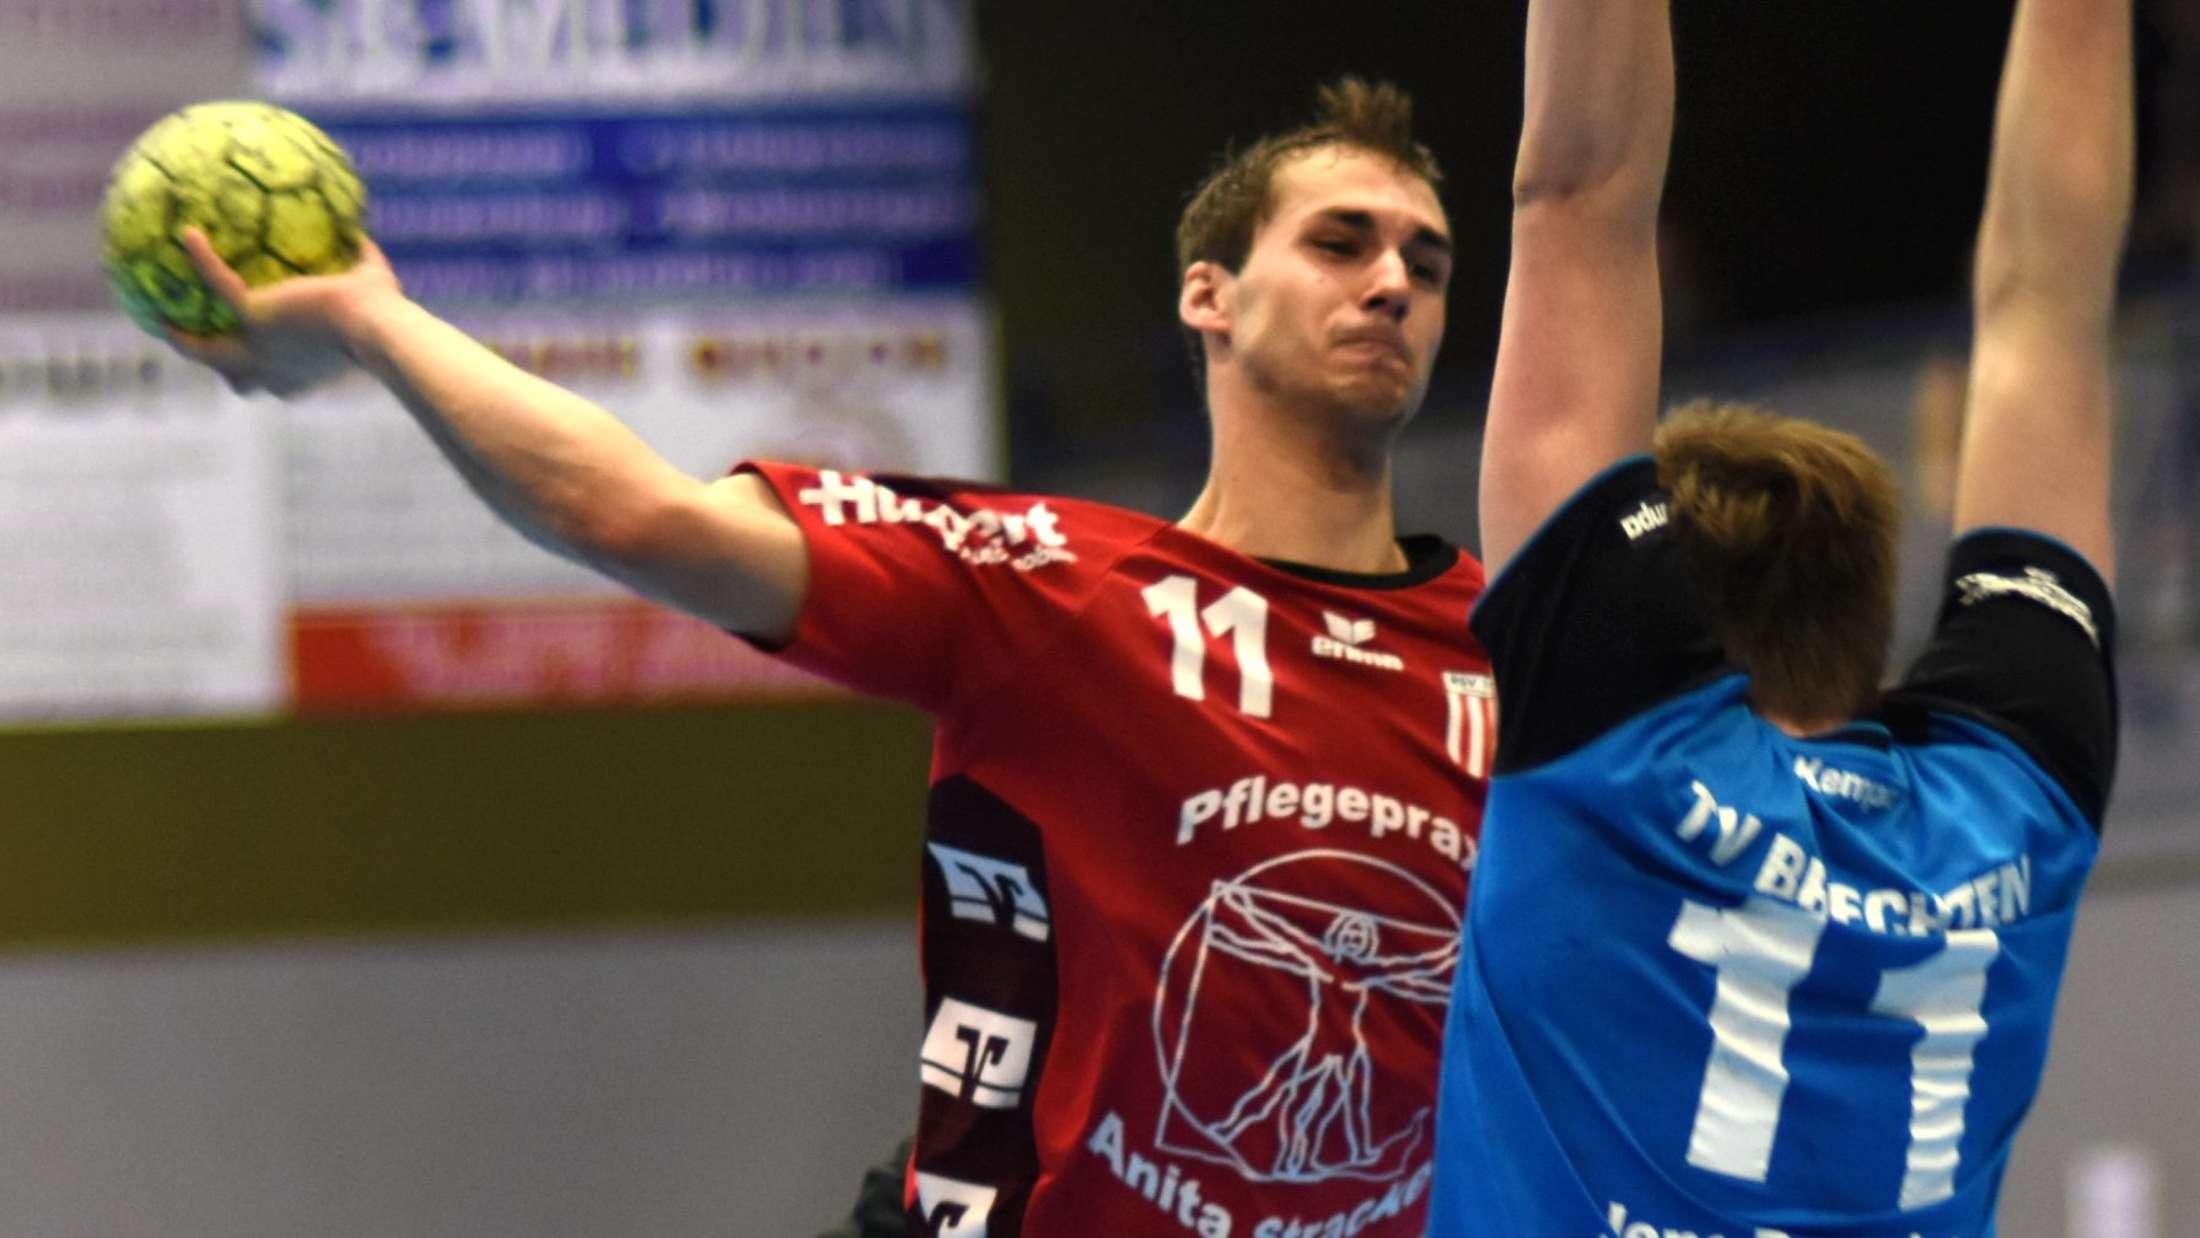 Lukas Florian und der RSV beginnen die Saison mit einem Heimspiel gegen den TV Brechten.© Boris Baur